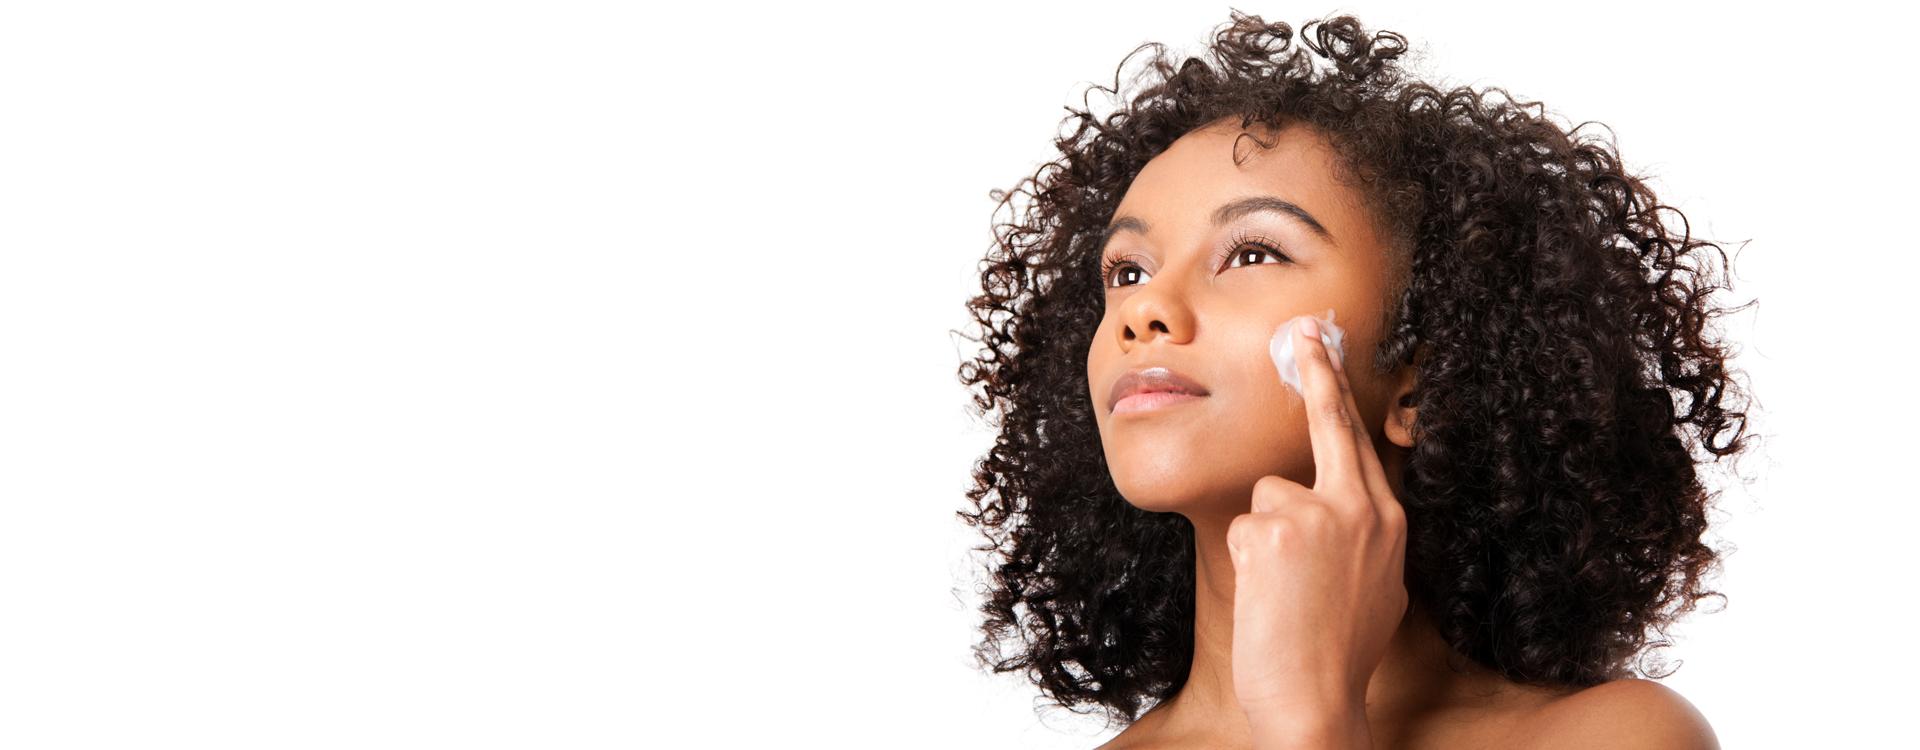 Dermatologic <br>& Cosmetic Care